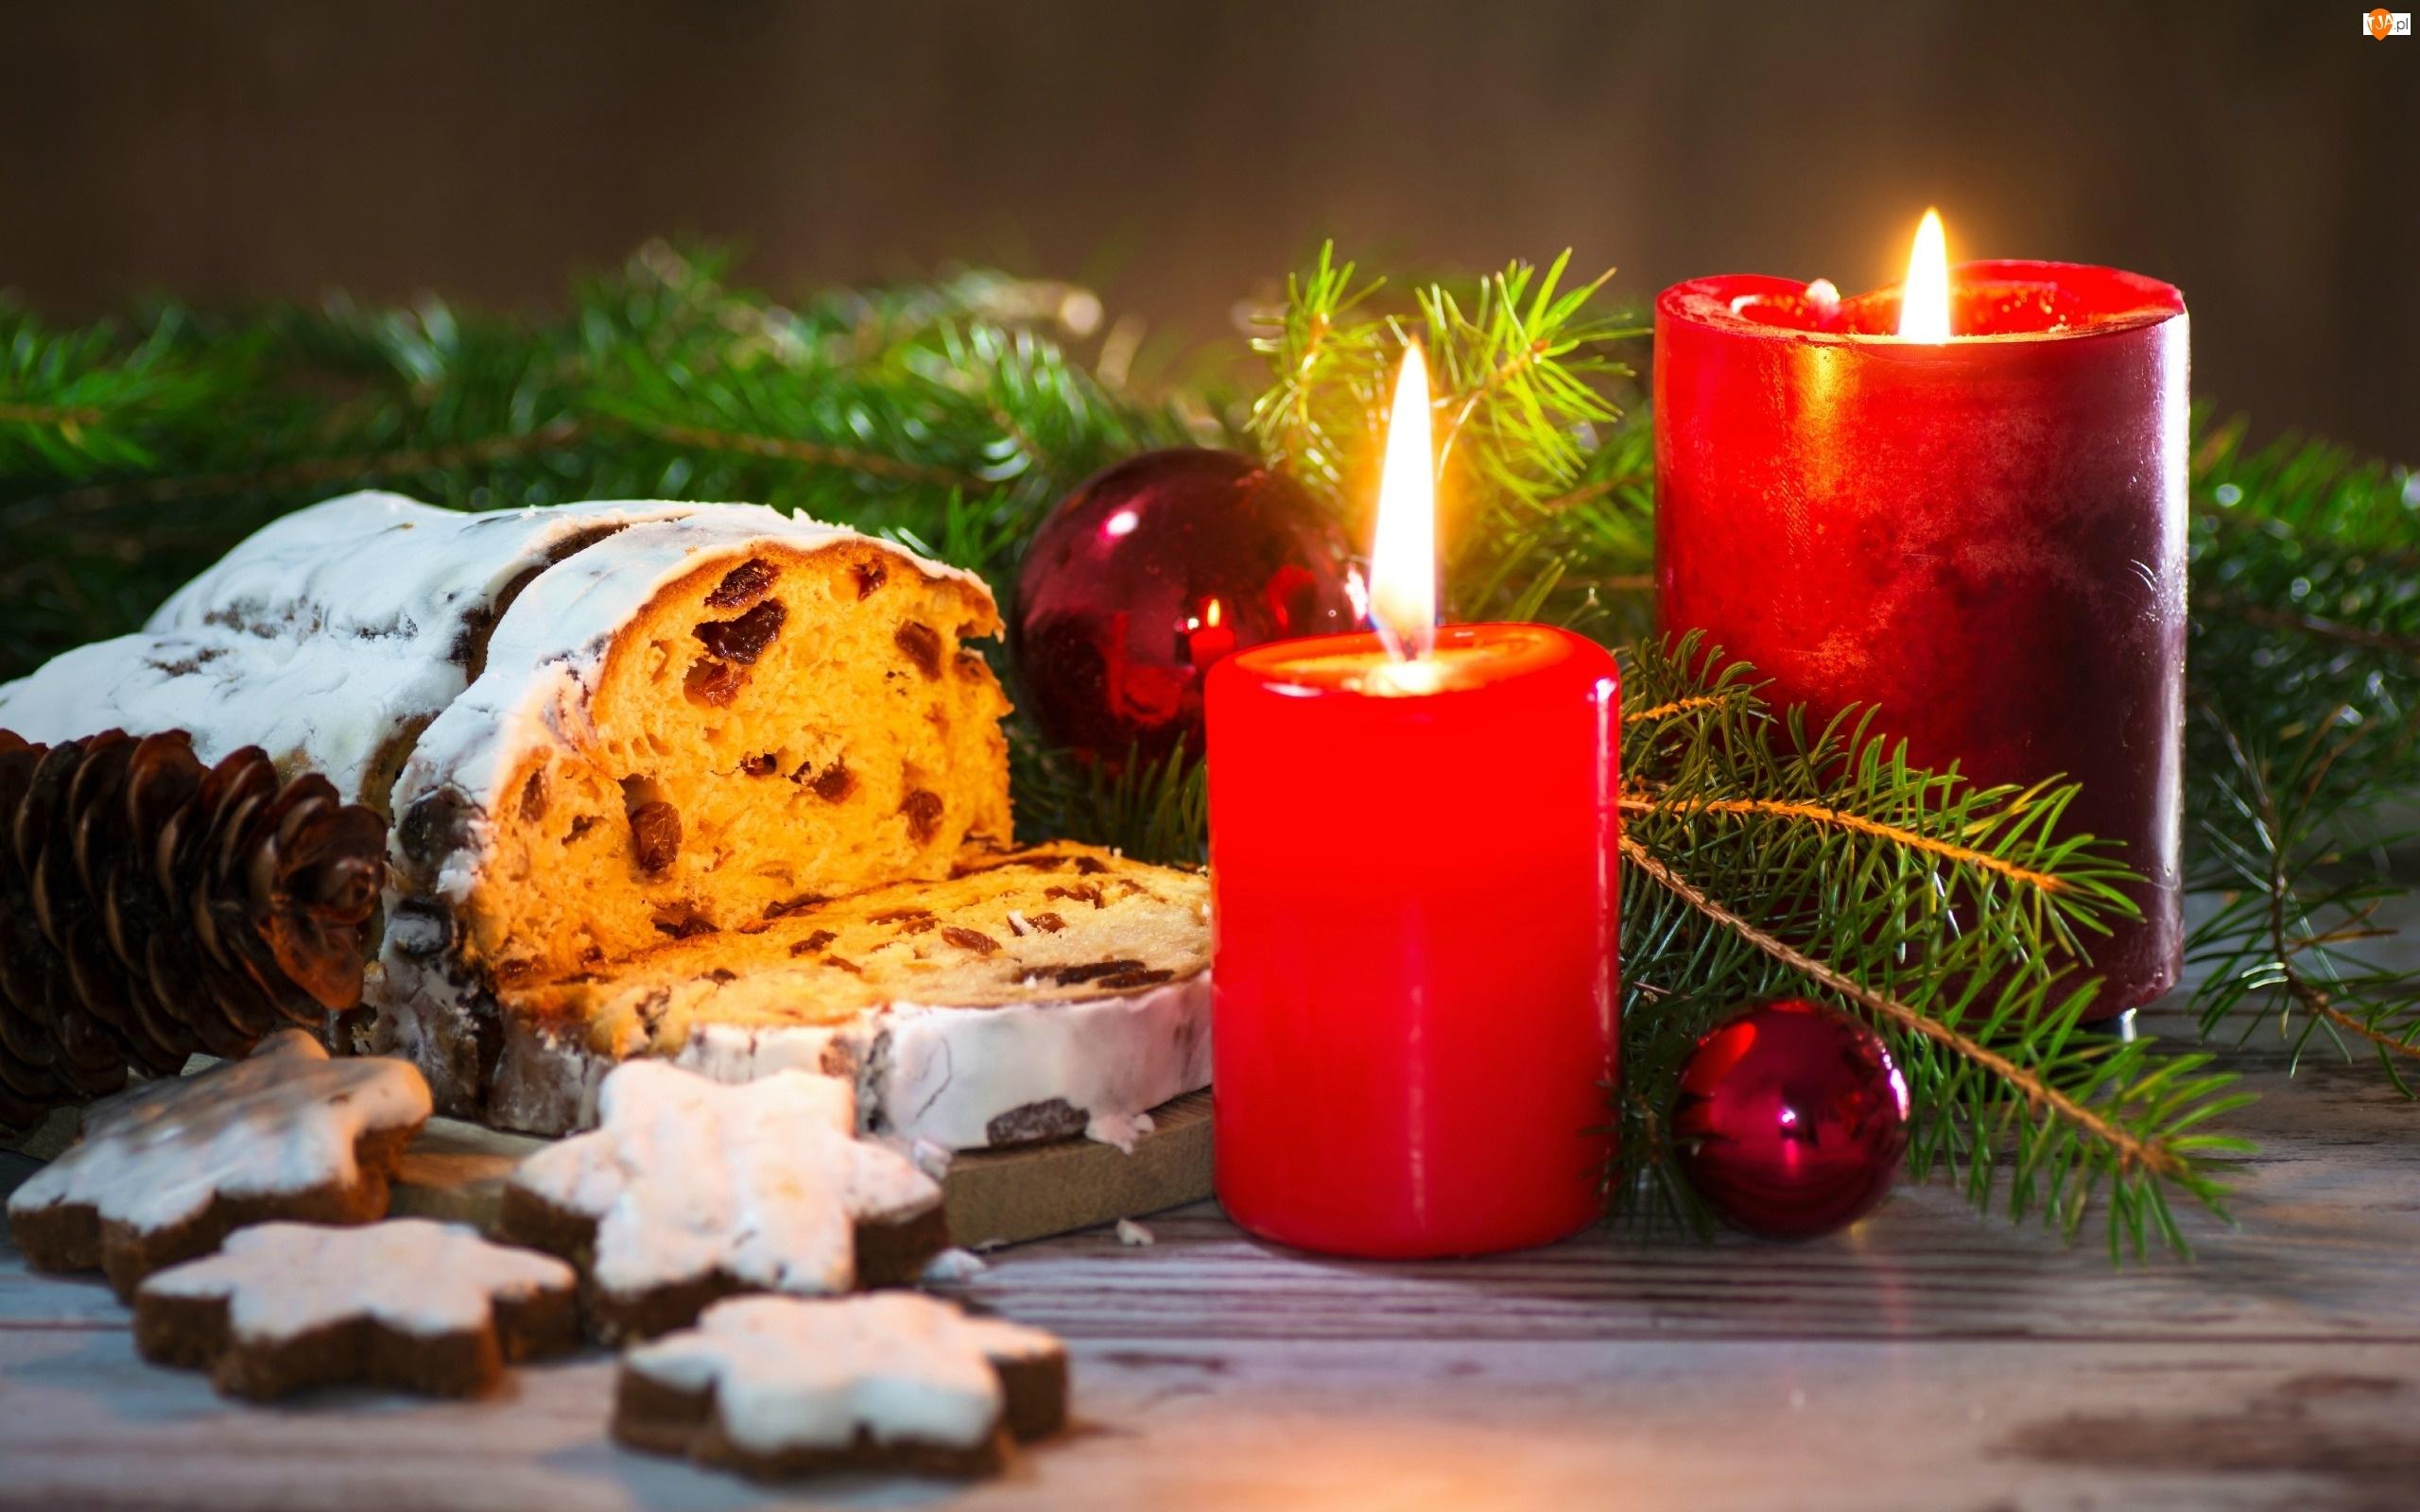 Ciasta, Boże Narodzenie, Czerwone, Kompozycja, Świece, Bombki